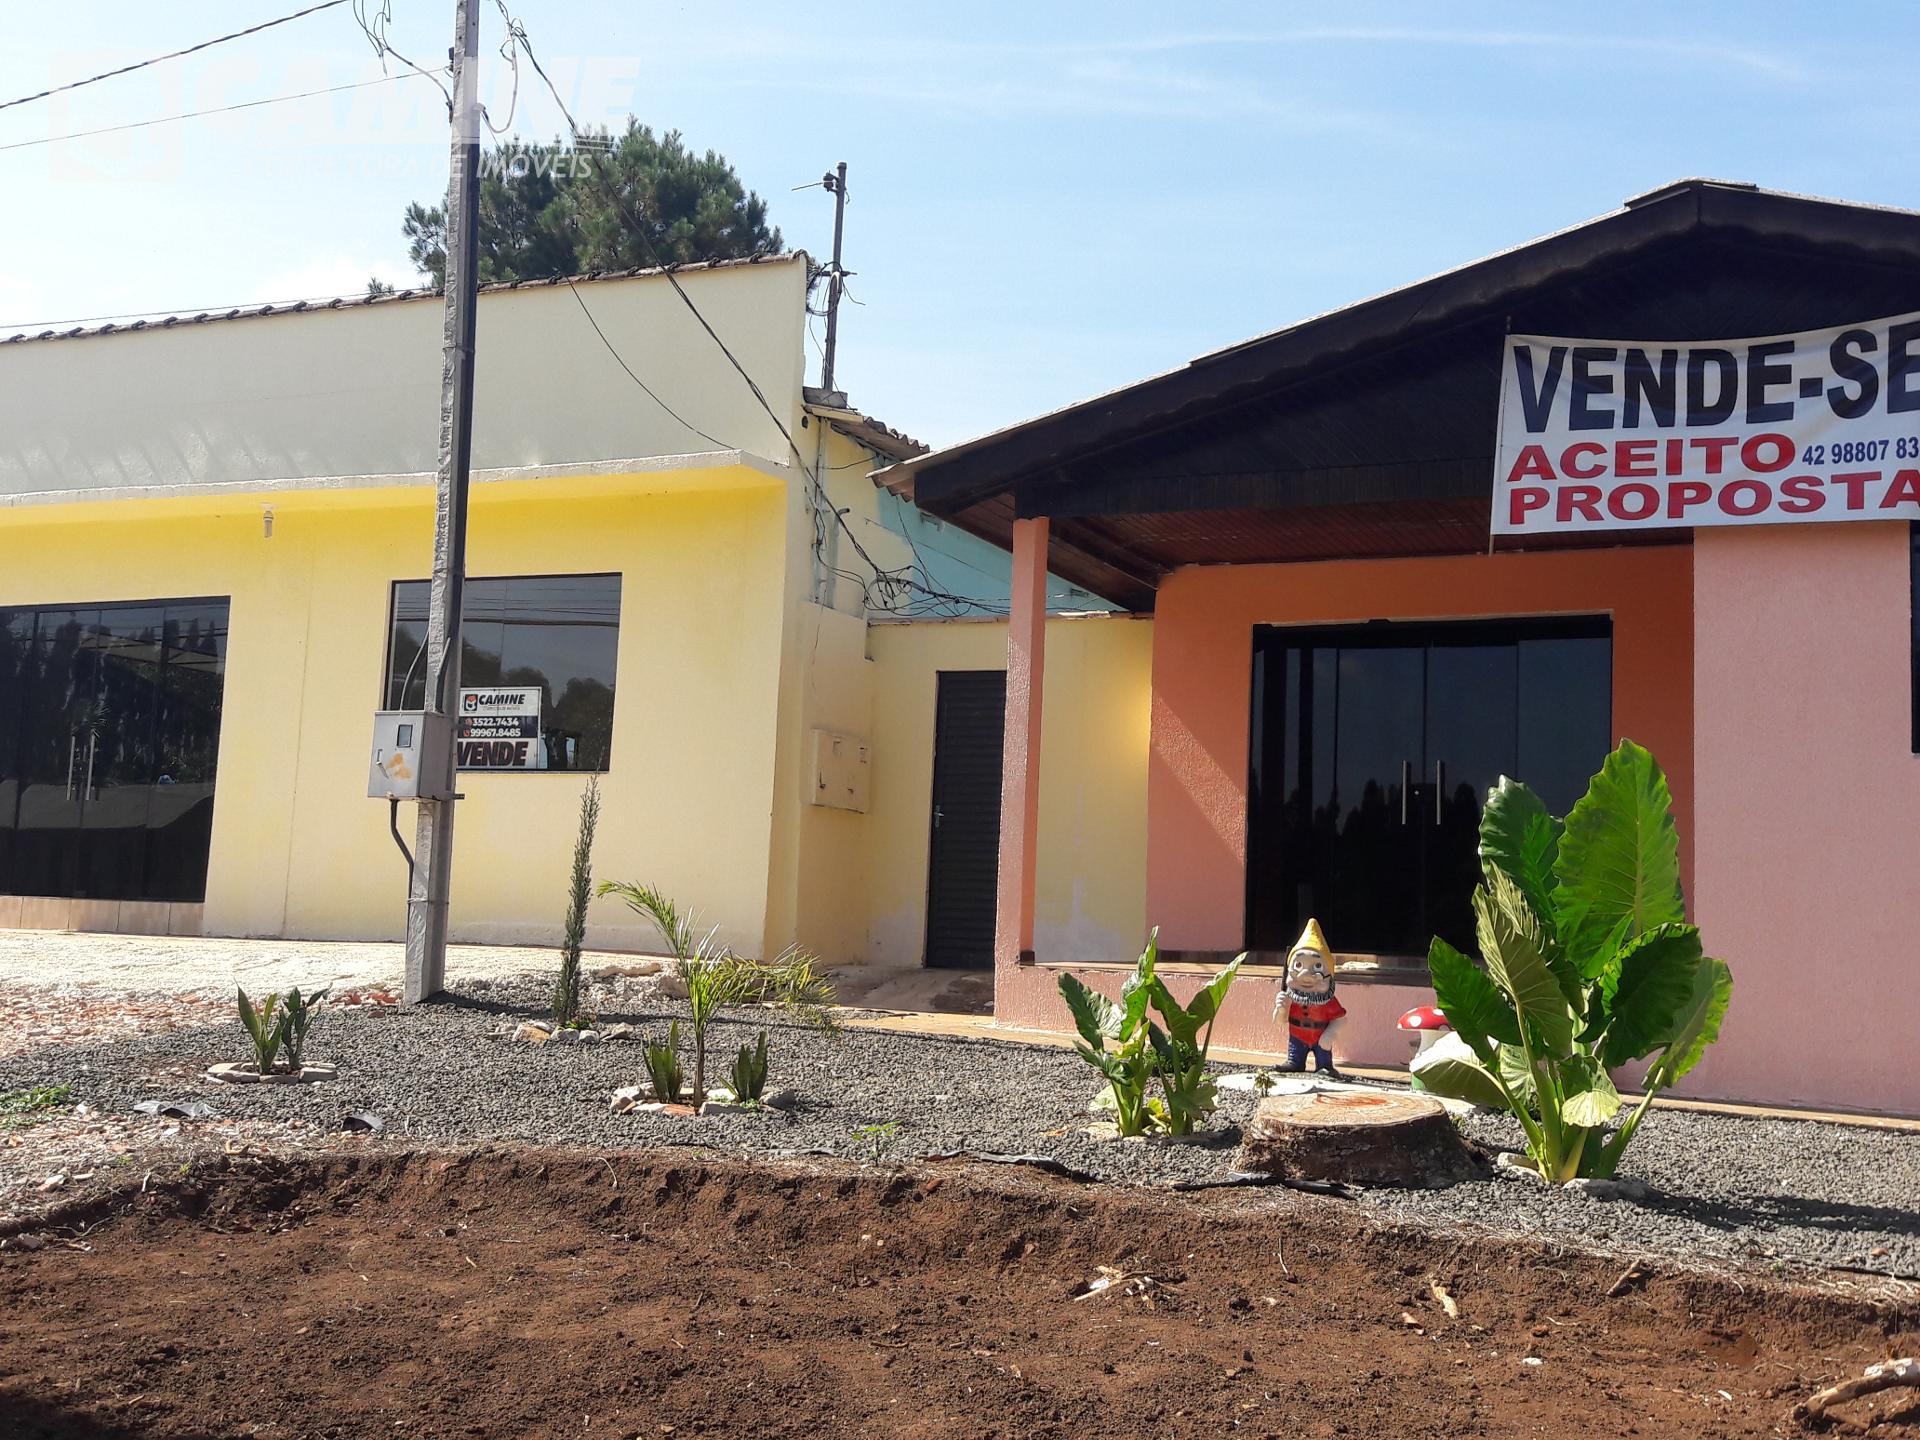 IMÓVEL COM TRÊS EDIFICAÇÕES, IDEAL PARA INVESTIMENTO! - PAULA FREITAS/PR